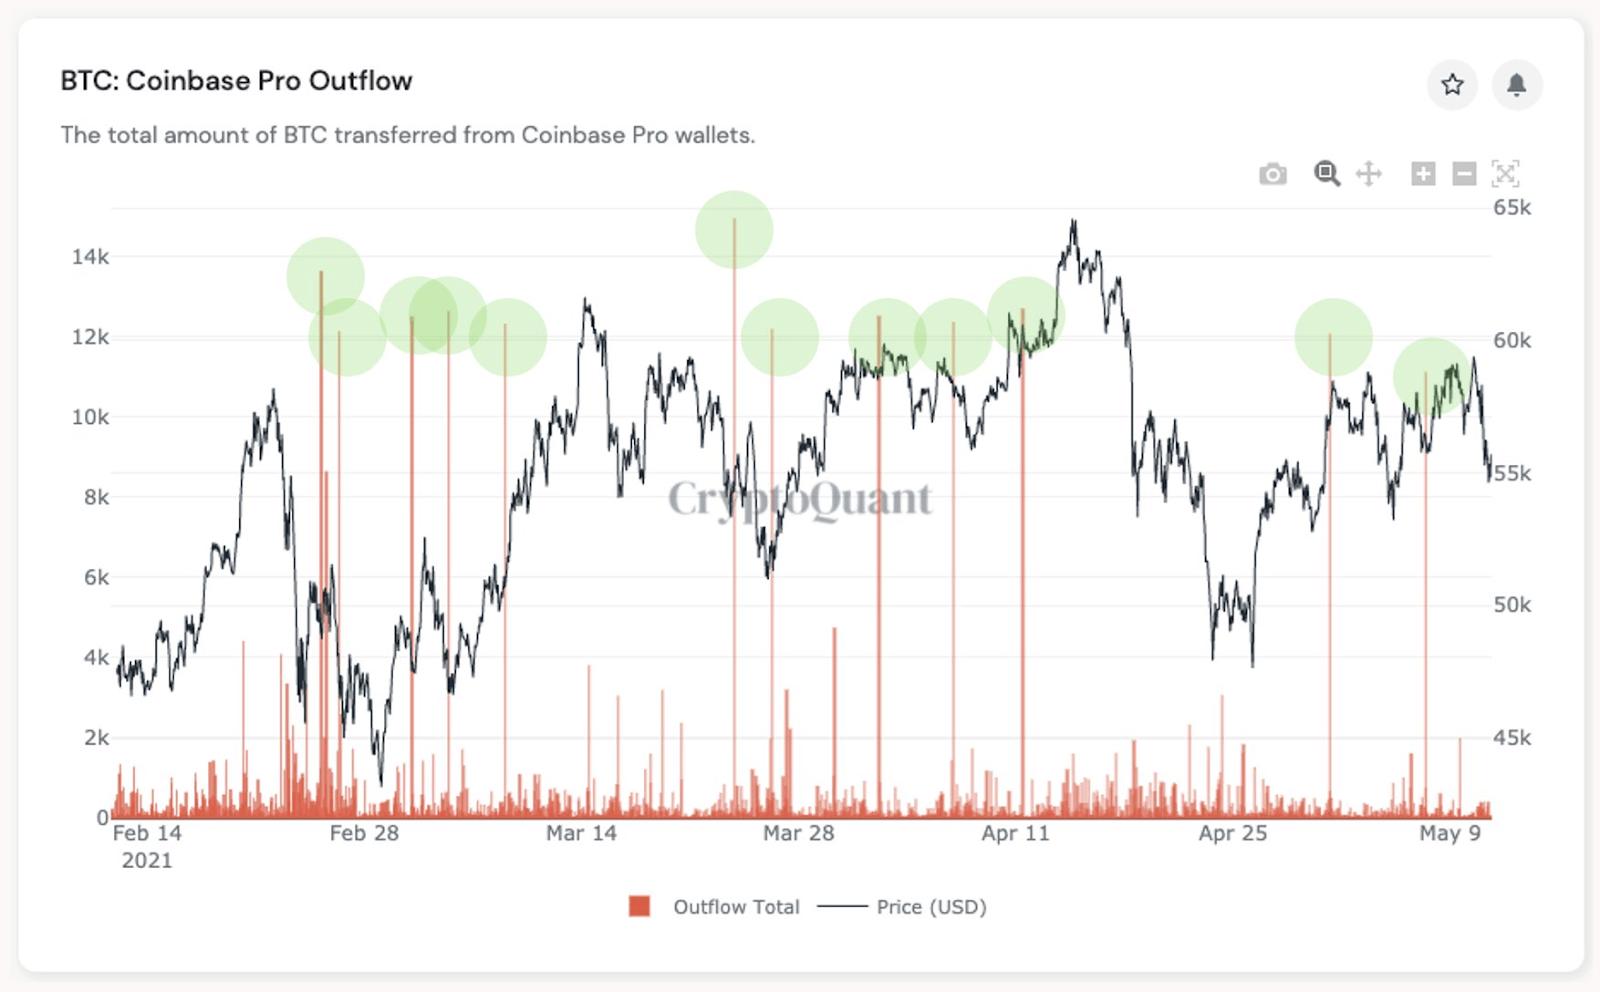 Bitcoin BTC Coinbase Pro Outflow